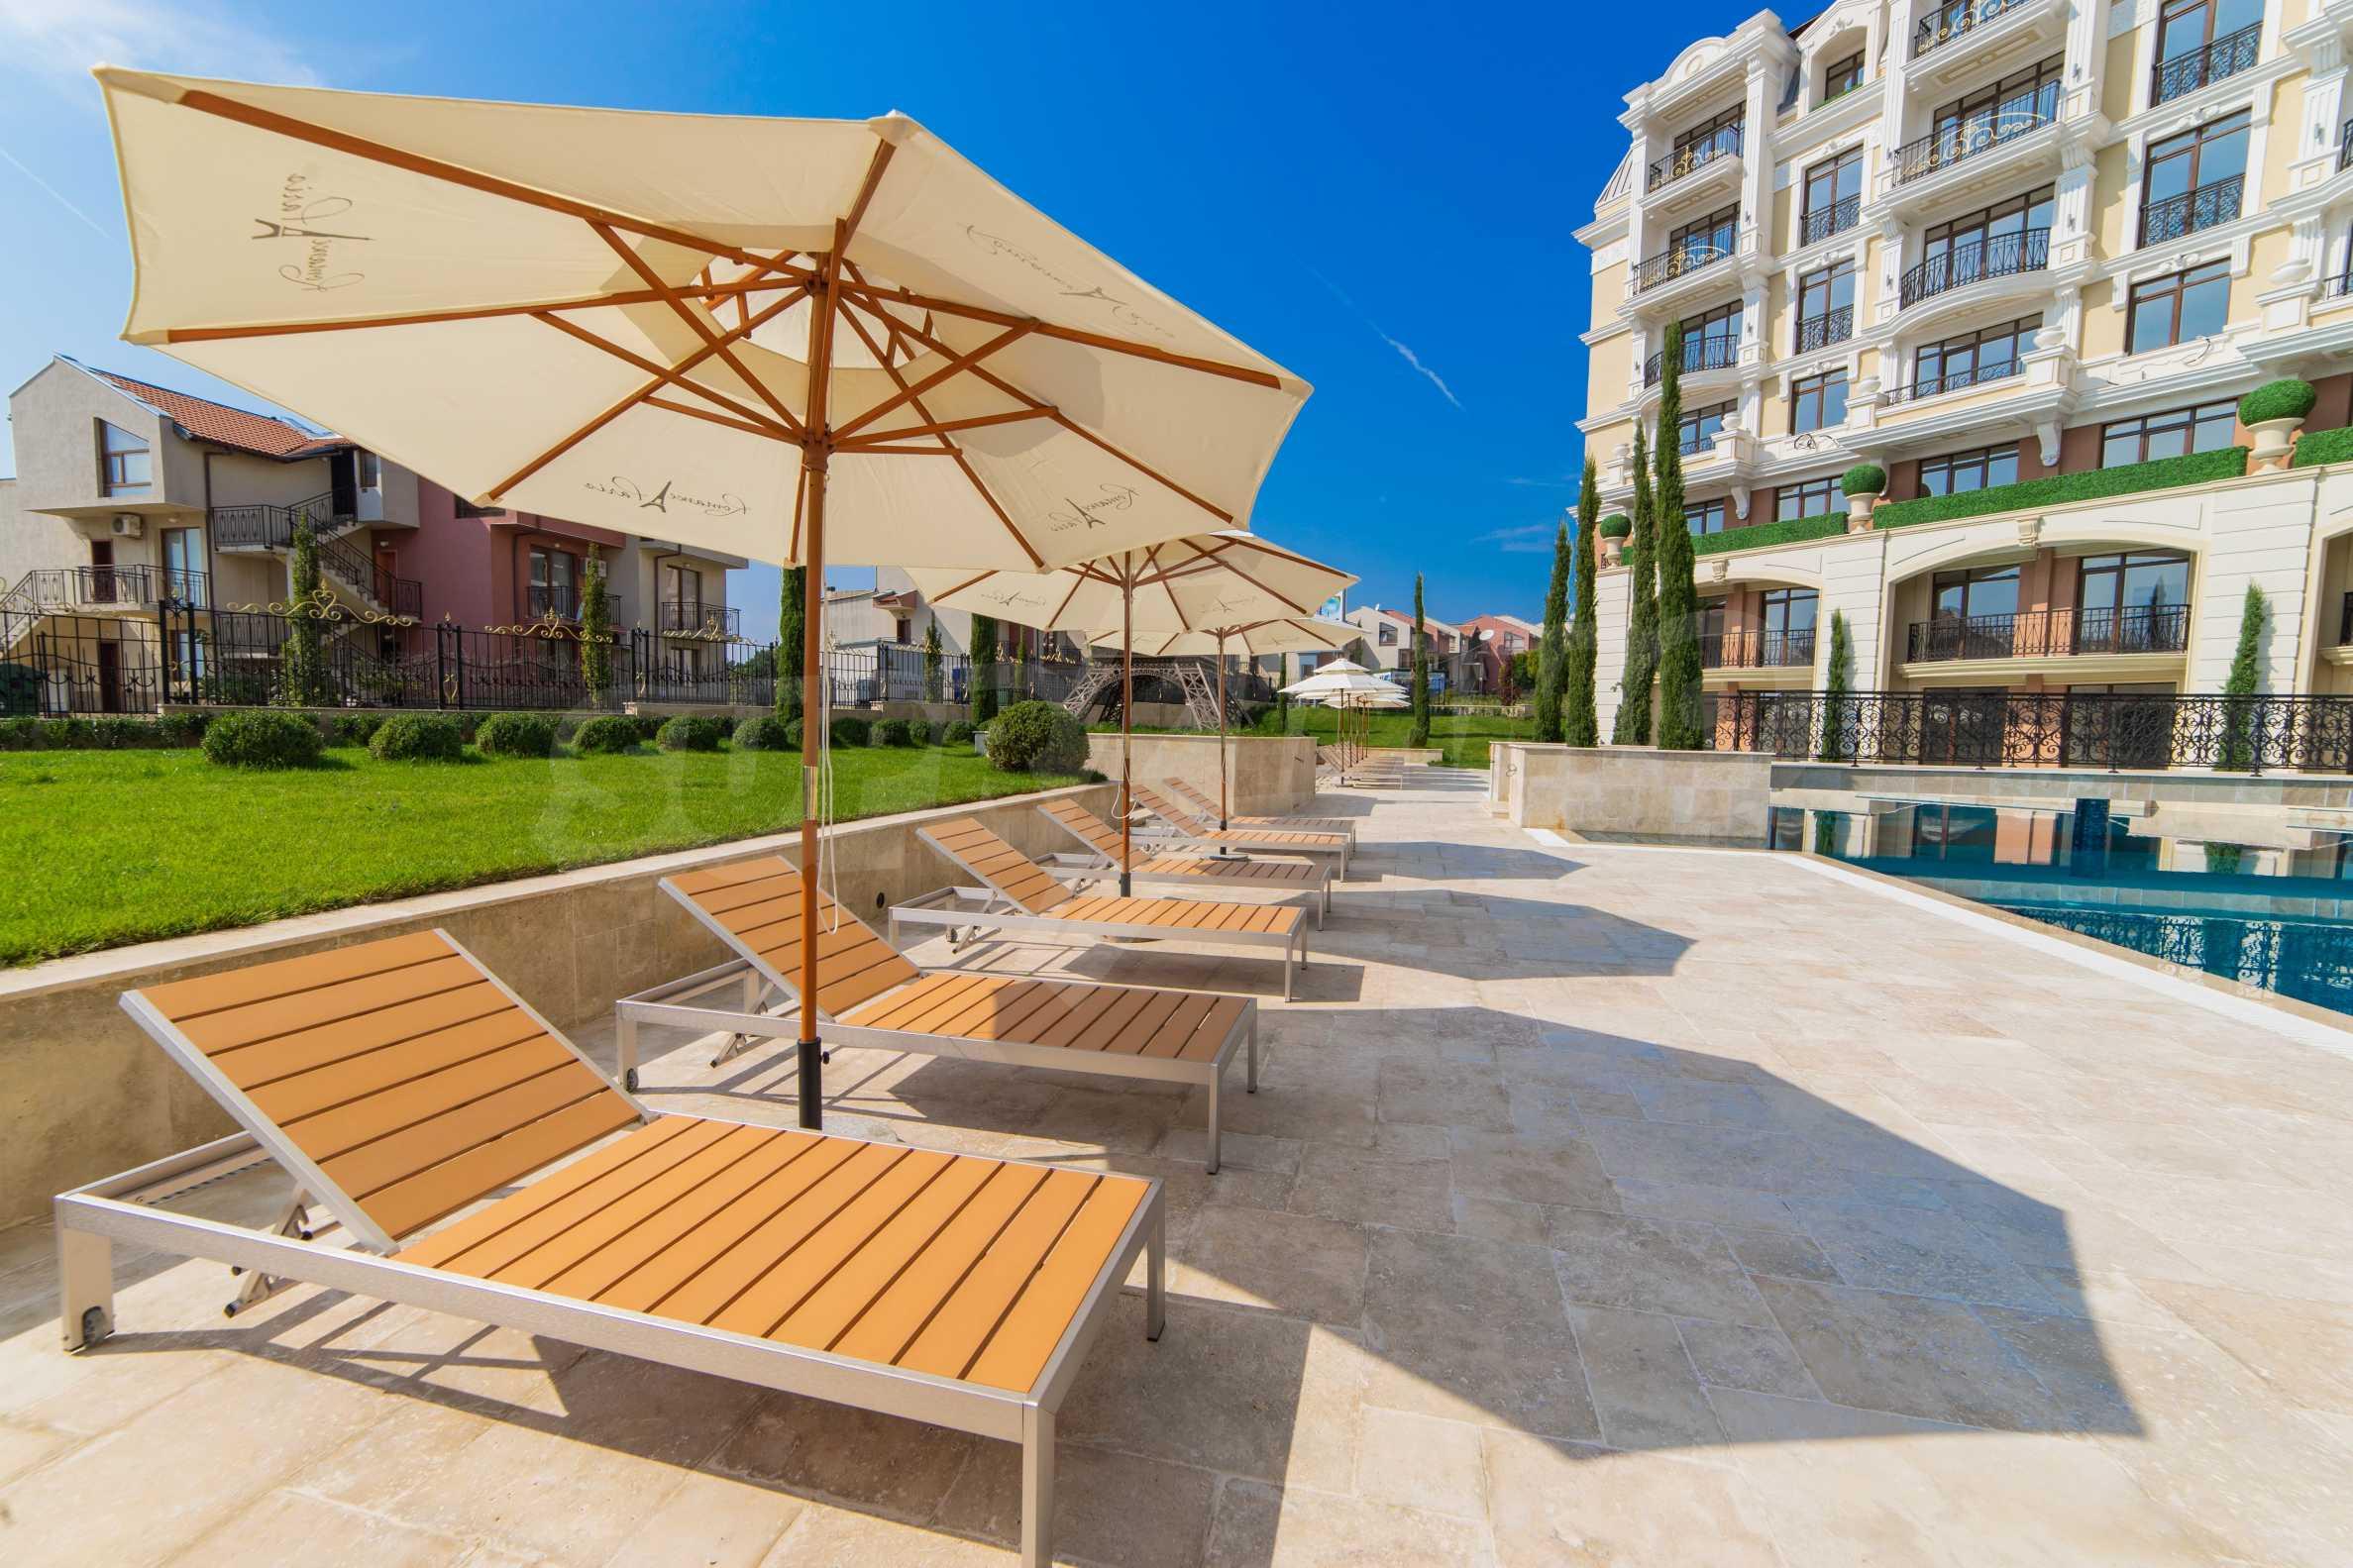 Erstklassige Apartments  zum TOP-Preis ab 890 €/m² im Komplex im Stil der französischen Renaissance (Akt 16) 4